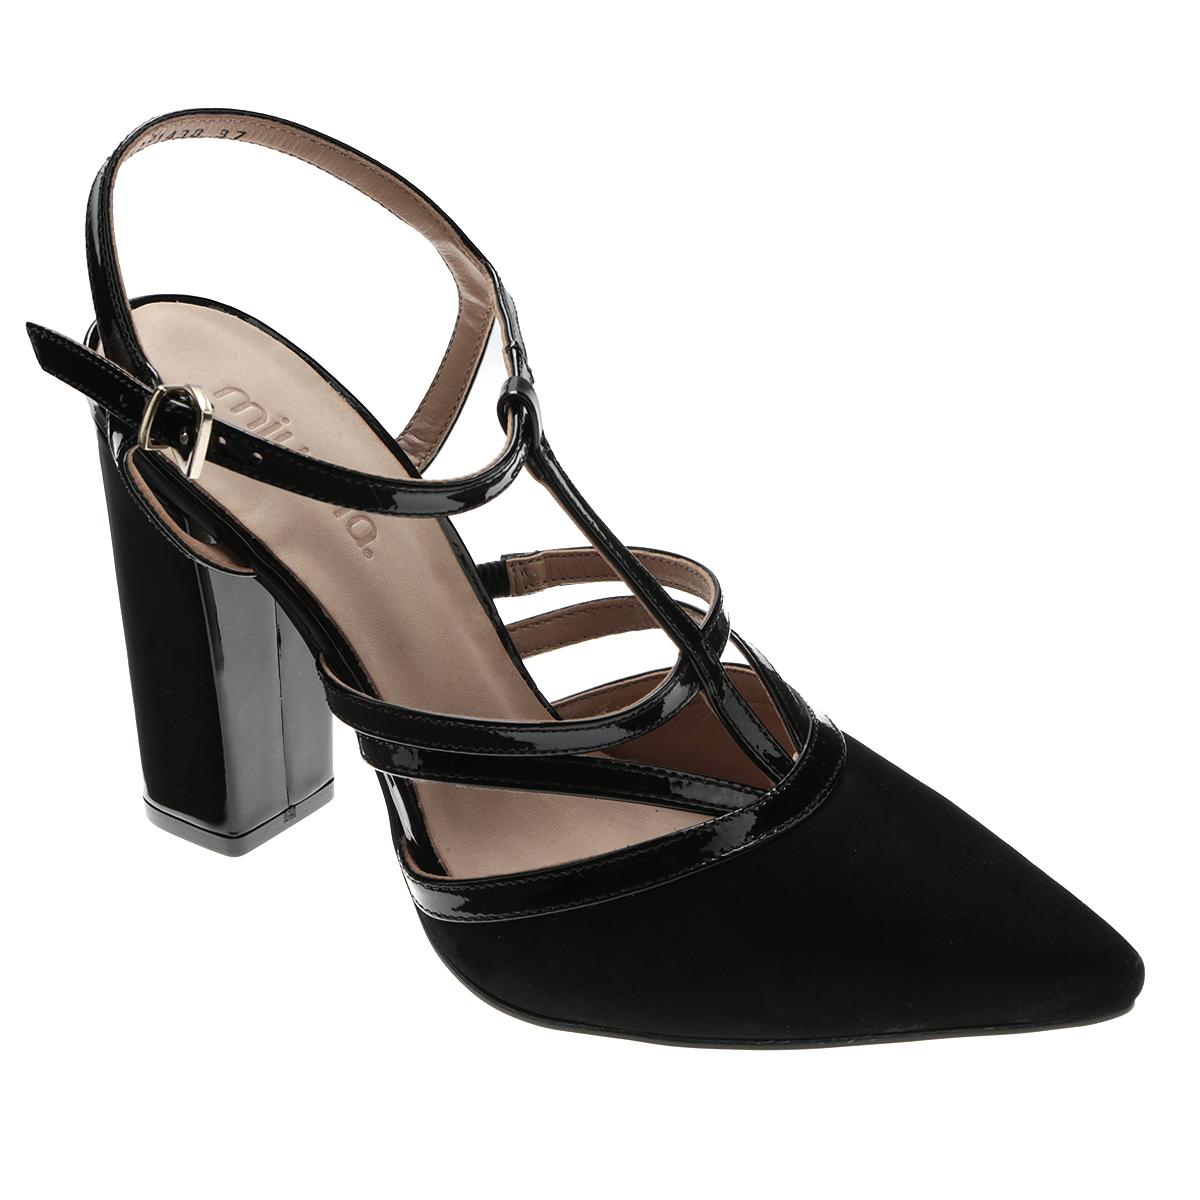 Туфли женские. 142-1438142-1438Элегантные туфли от Miucha внесут изысканные нотки в ваш модный образ. Модель выполнена из натуральной лакированной кожи и оформлена вставкой из натурального нубука на носке, пересекающимися ремешками на подъеме. Заостренный вытянутый носок смотрится невероятно женственно. Ремешок с металлической пряжкой отвечает за надежную фиксацию модели на ноге. Длина ремешка регулируется за счет болта. Мягкая стелька из натуральной кожи гарантирует комфорт при ходьбе. Высокий каблук и подошва с рифлением обеспечивают идеальное сцепление с любыми поверхностями. Роскошные туфли подчеркнут ваш отменный вкус!